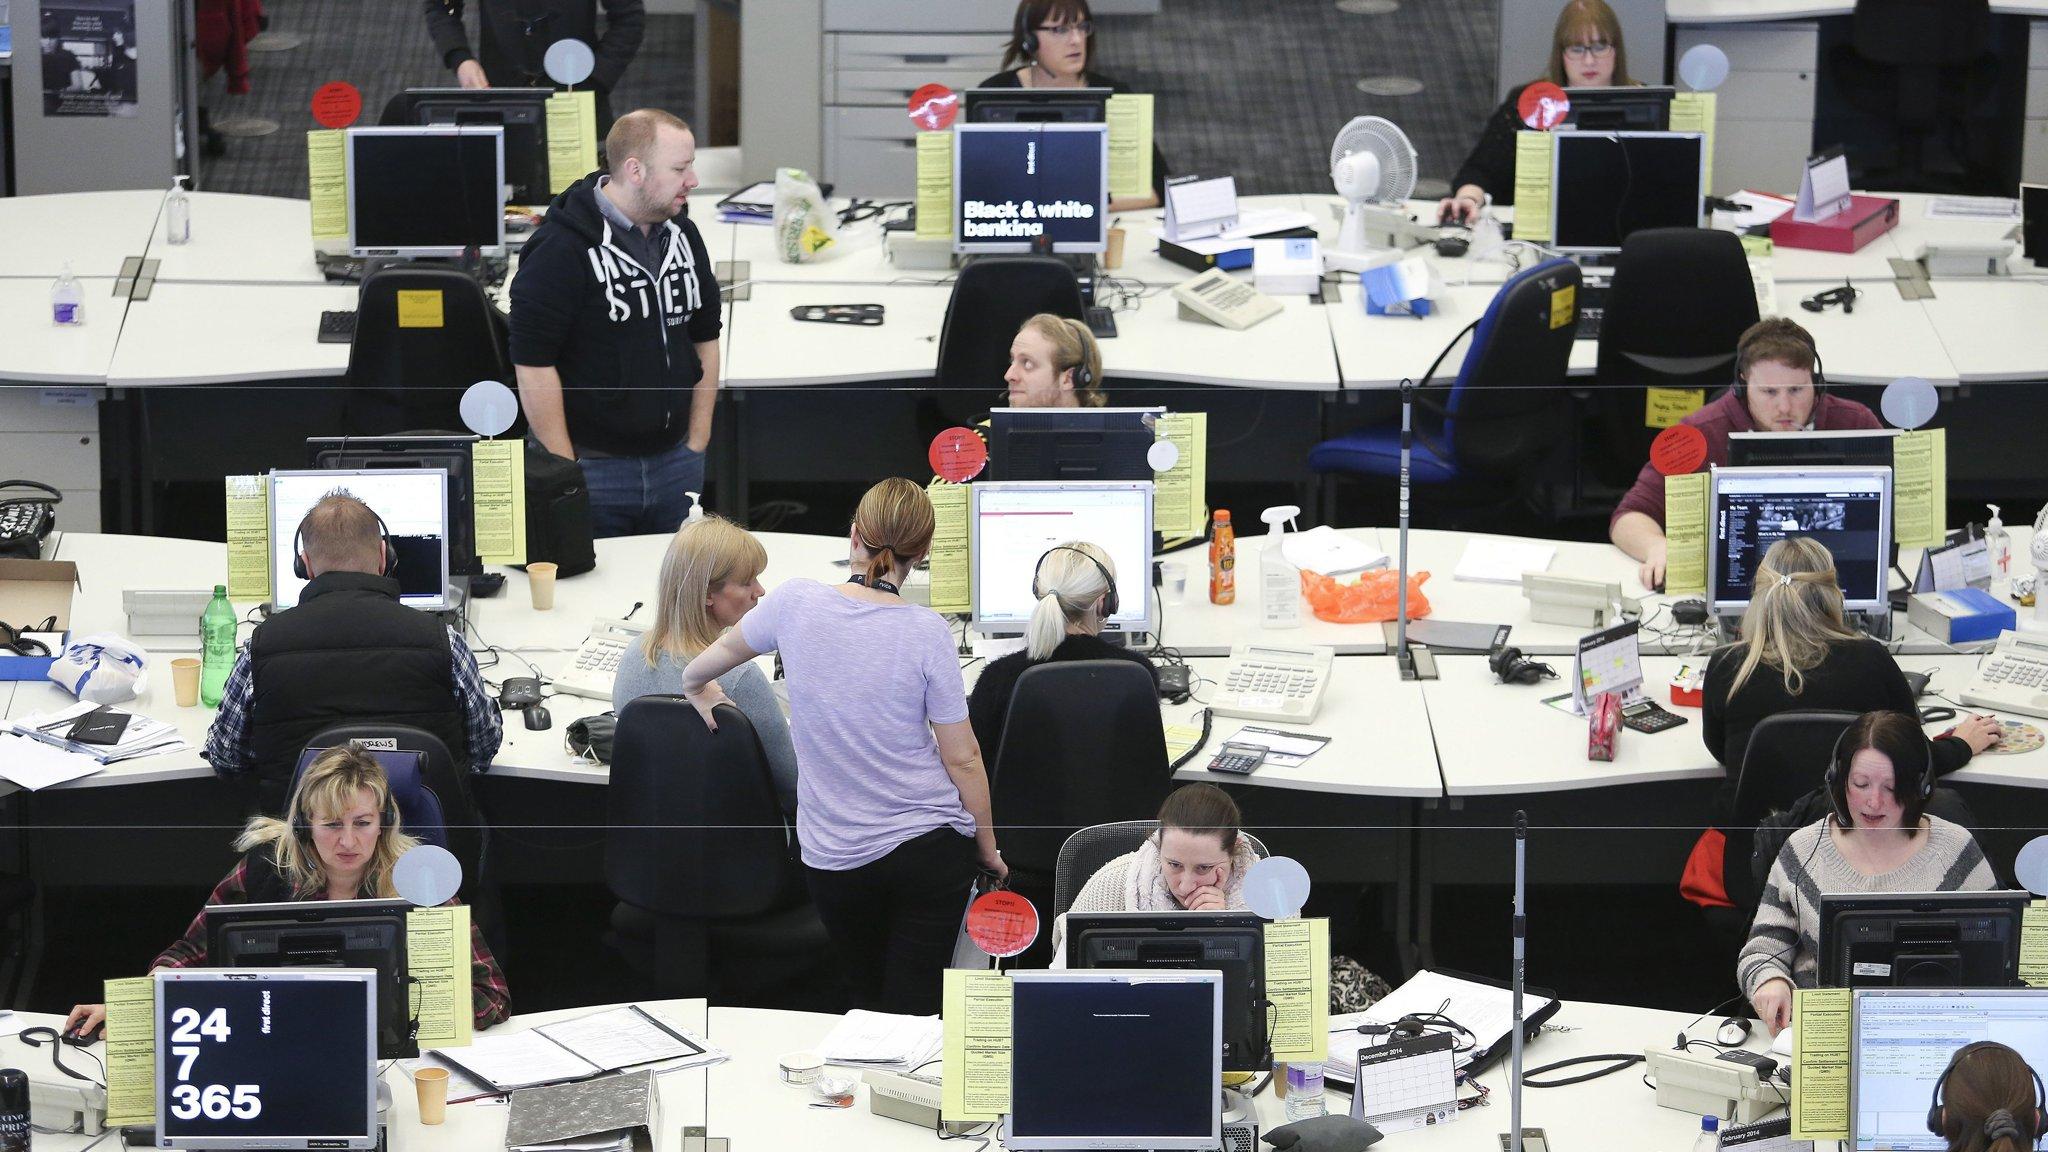 HSBC caps back-office bonuses for thousands despite profit